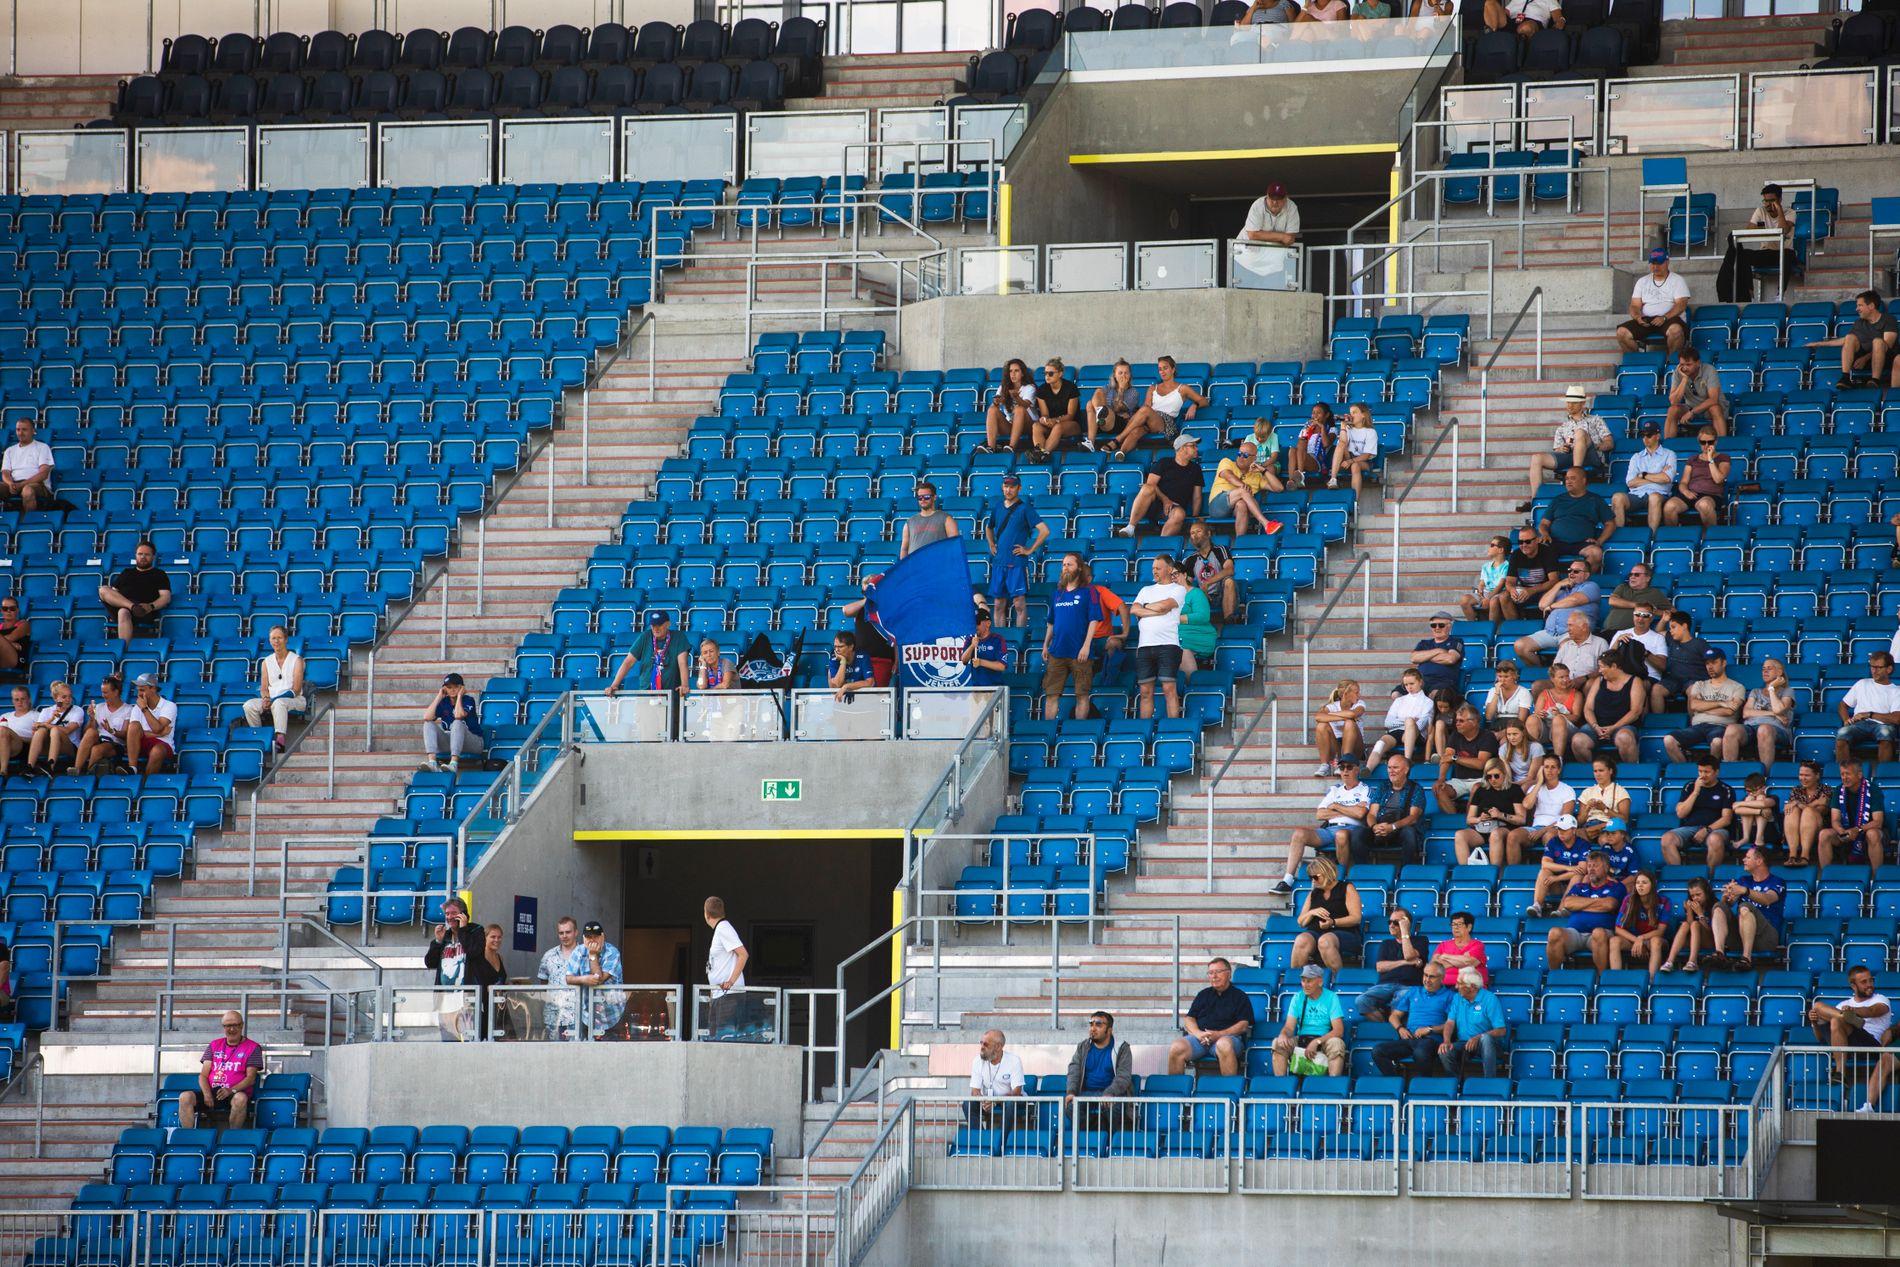 Det var glisne tribuner på Intility Arena da Vålerenga tok imot Sandviken. Det offisielle tilskuerantallet var 374.